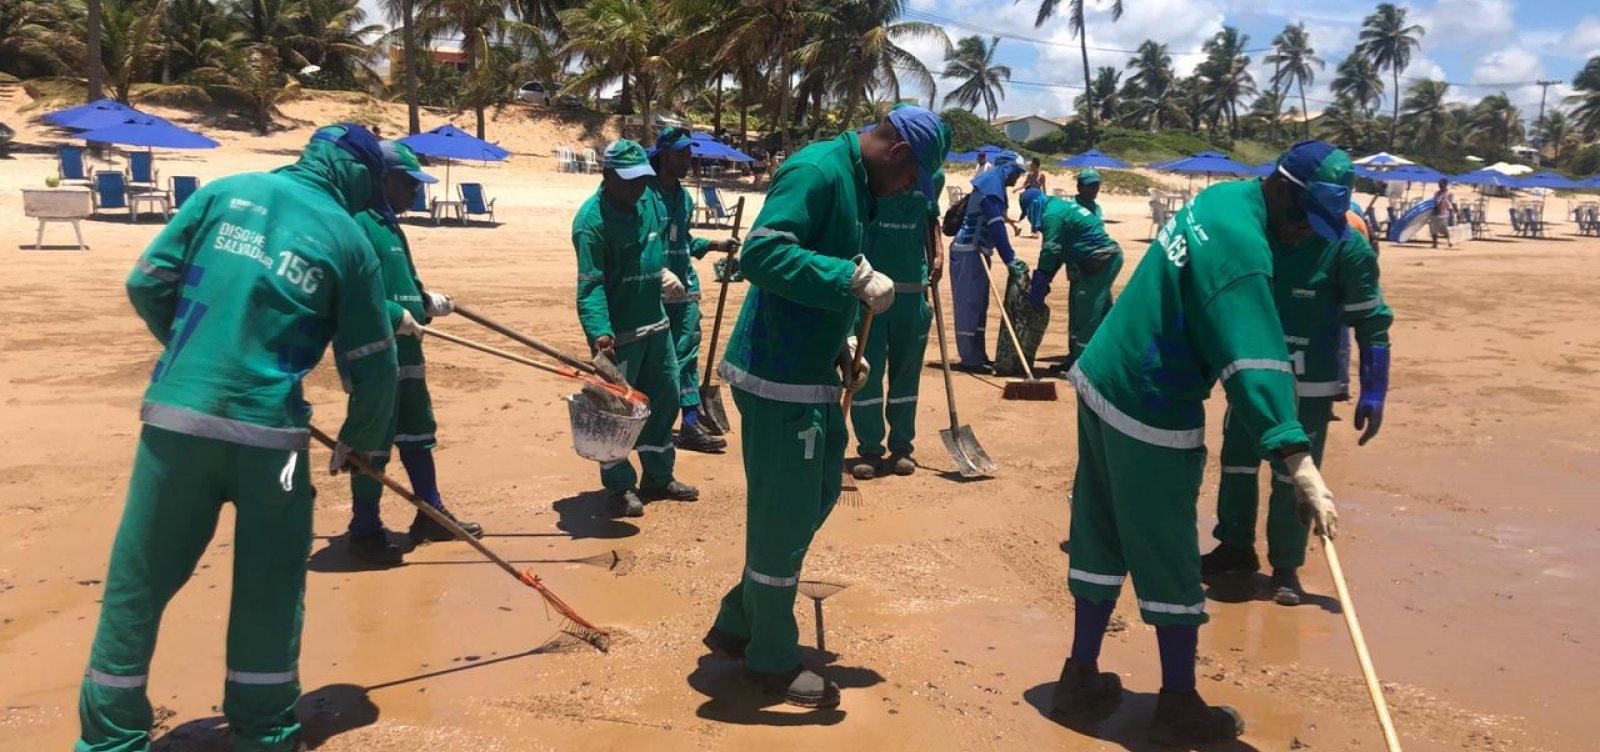 [Cerca de 4,5 toneladas de óleo são retiradas das praias de Salvador neste sábado]